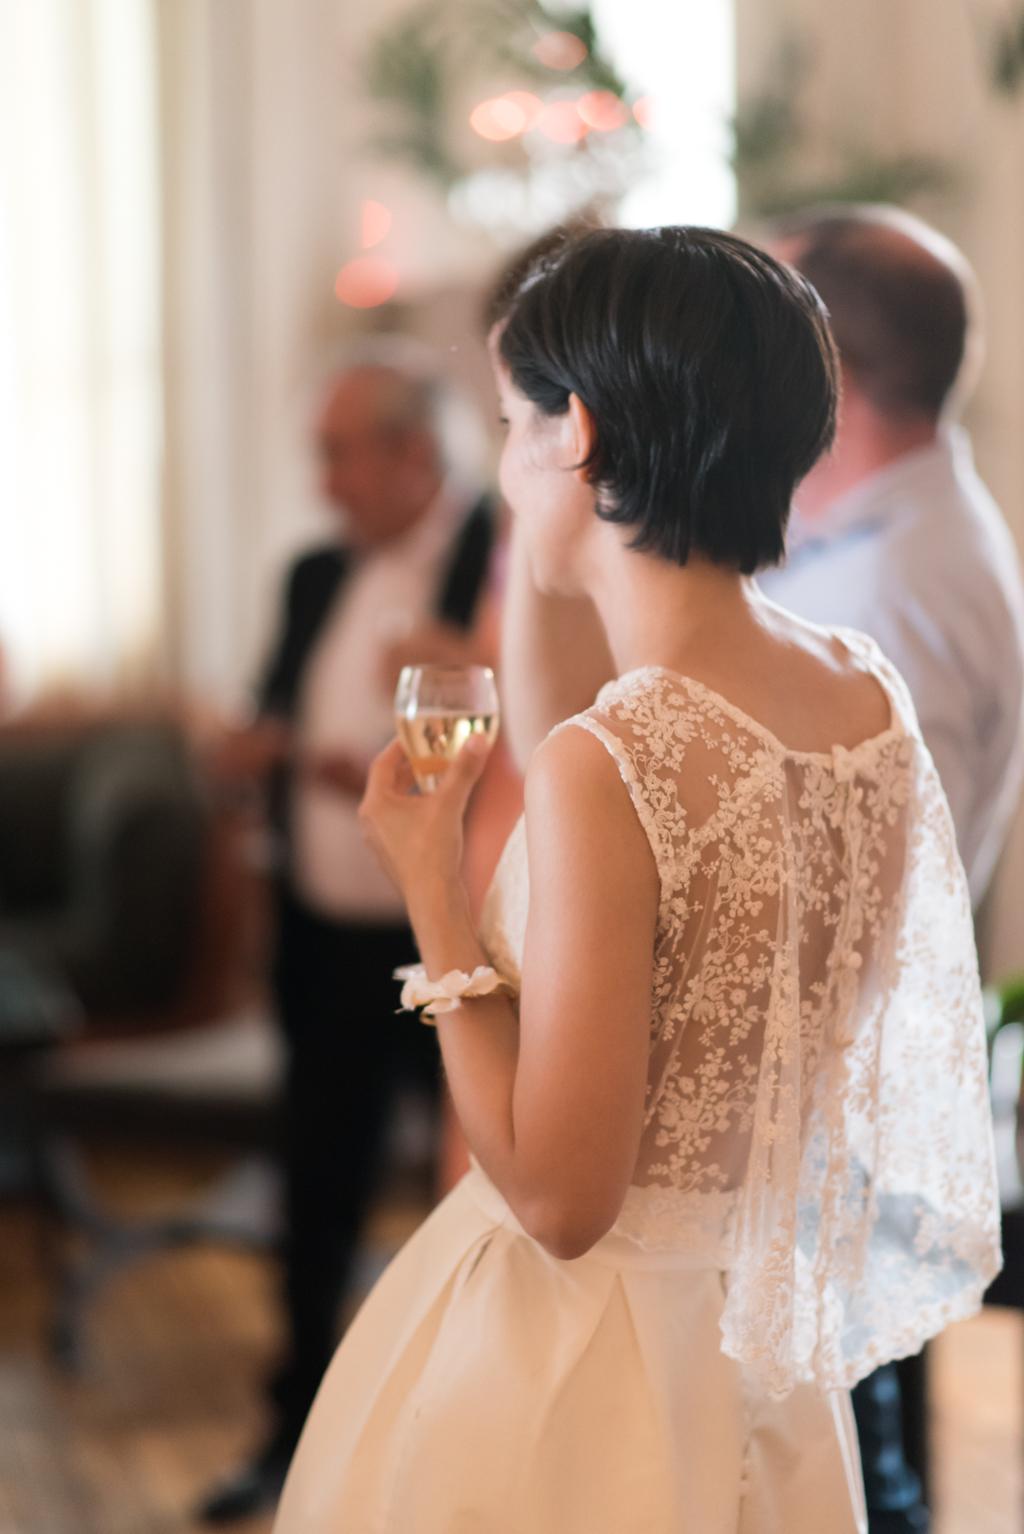 mariage, paris, saint germain en laye, petit comité, mariage intime, Agathe f photographie, reportage, photographe de mariage, couple,